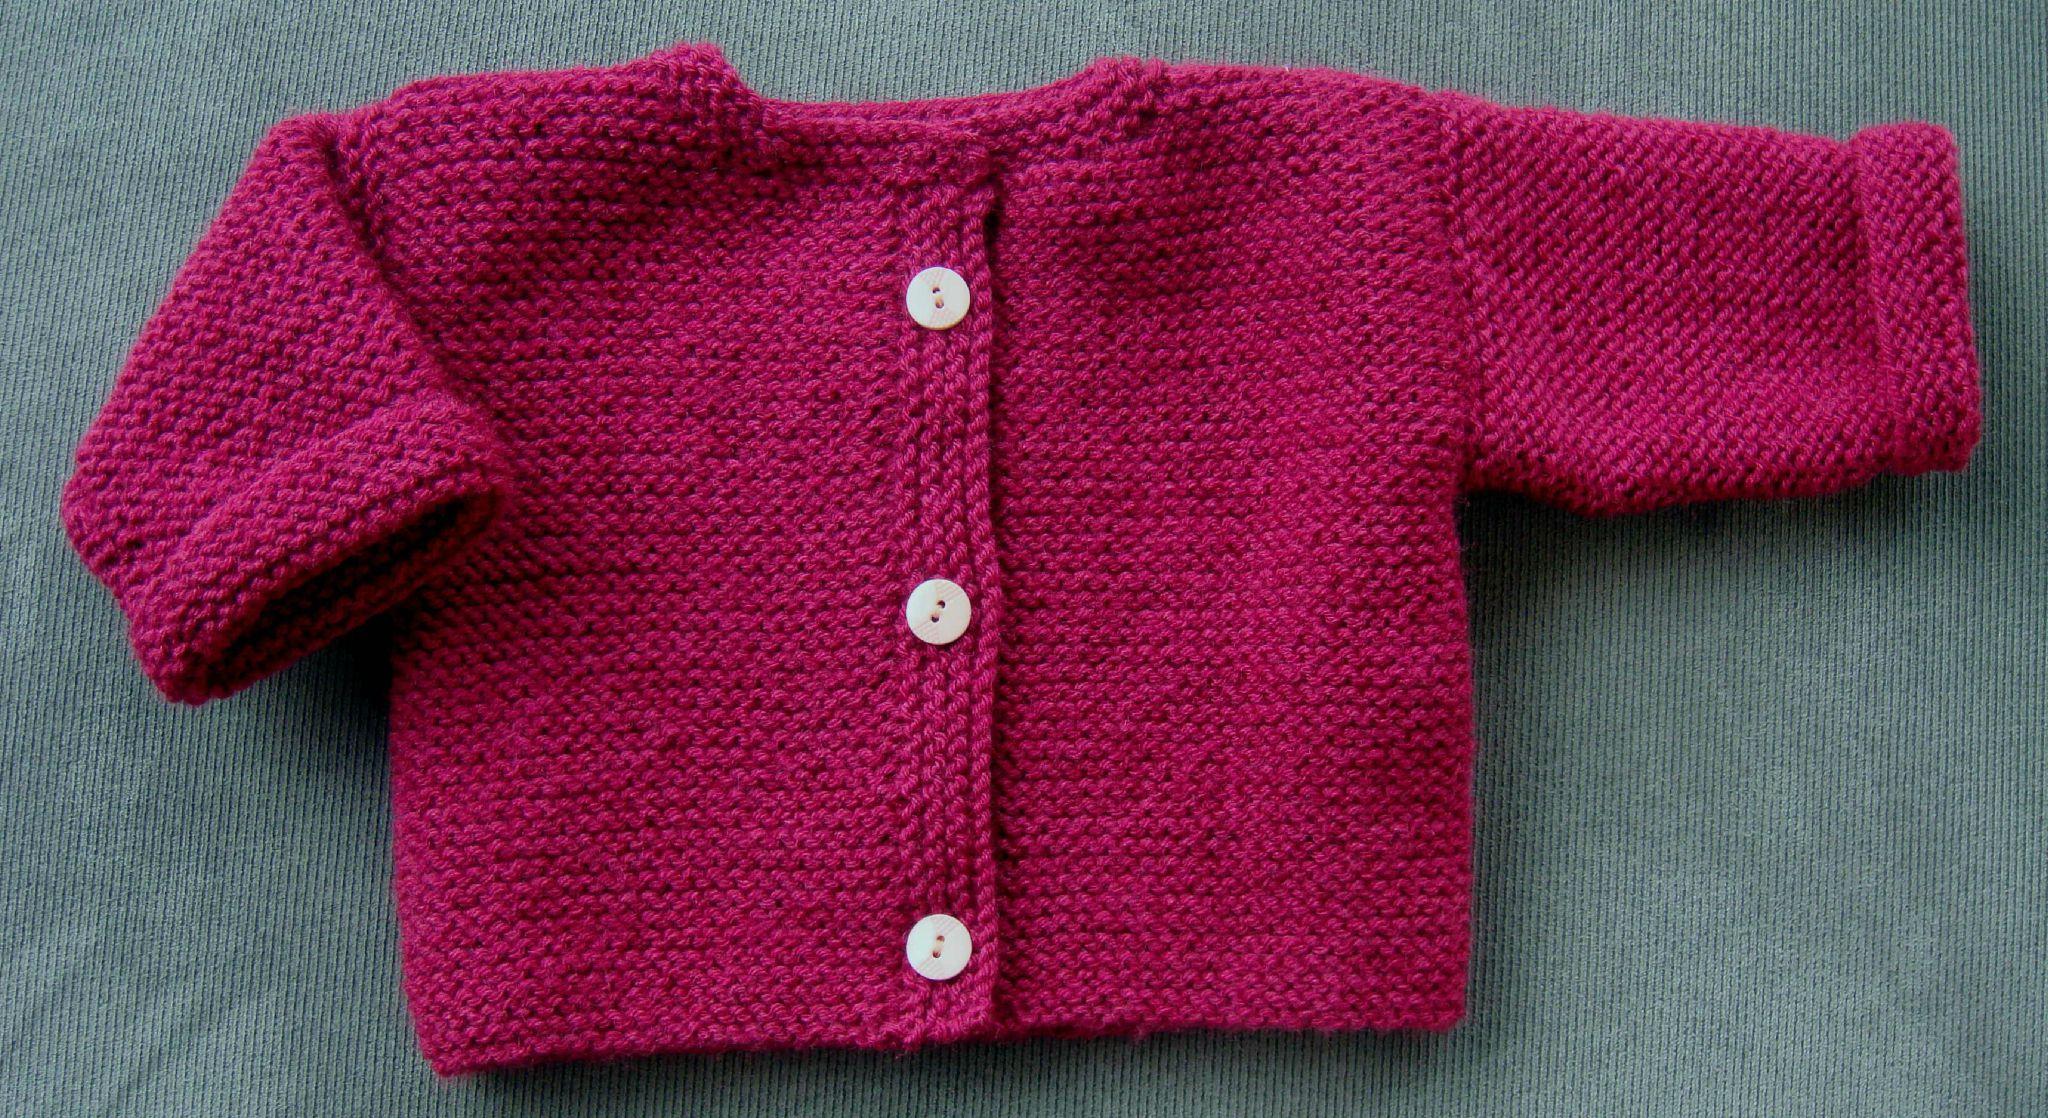 5c88f0572d1d8 Modèle gilet tricot bébé - Chapka